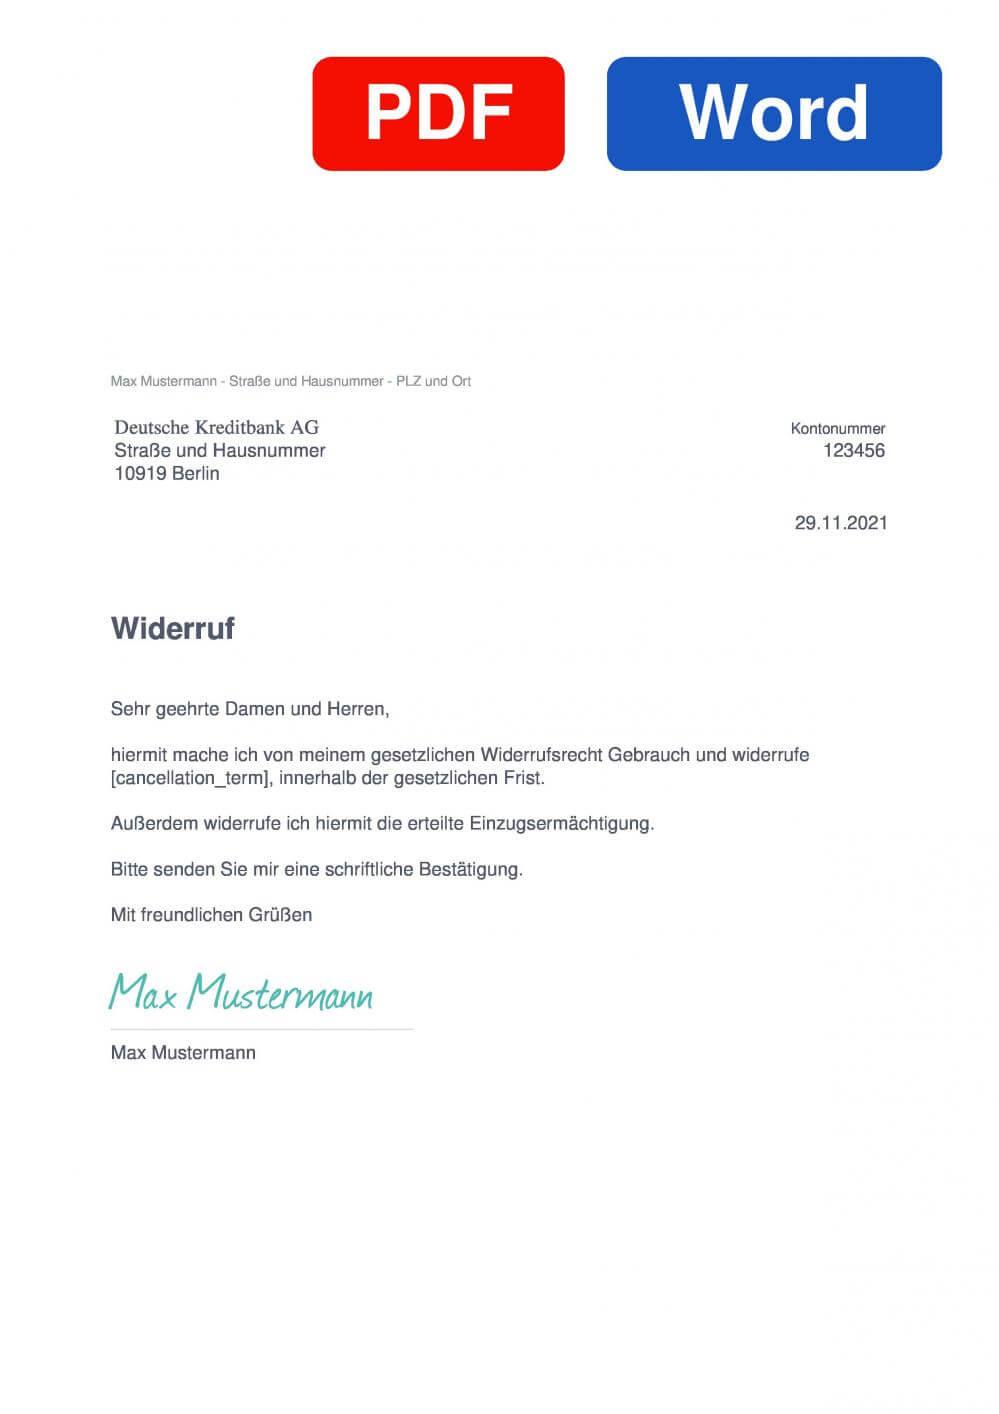 DKB Deutsche Kreditbank Muster Vorlage für Wiederrufsschreiben